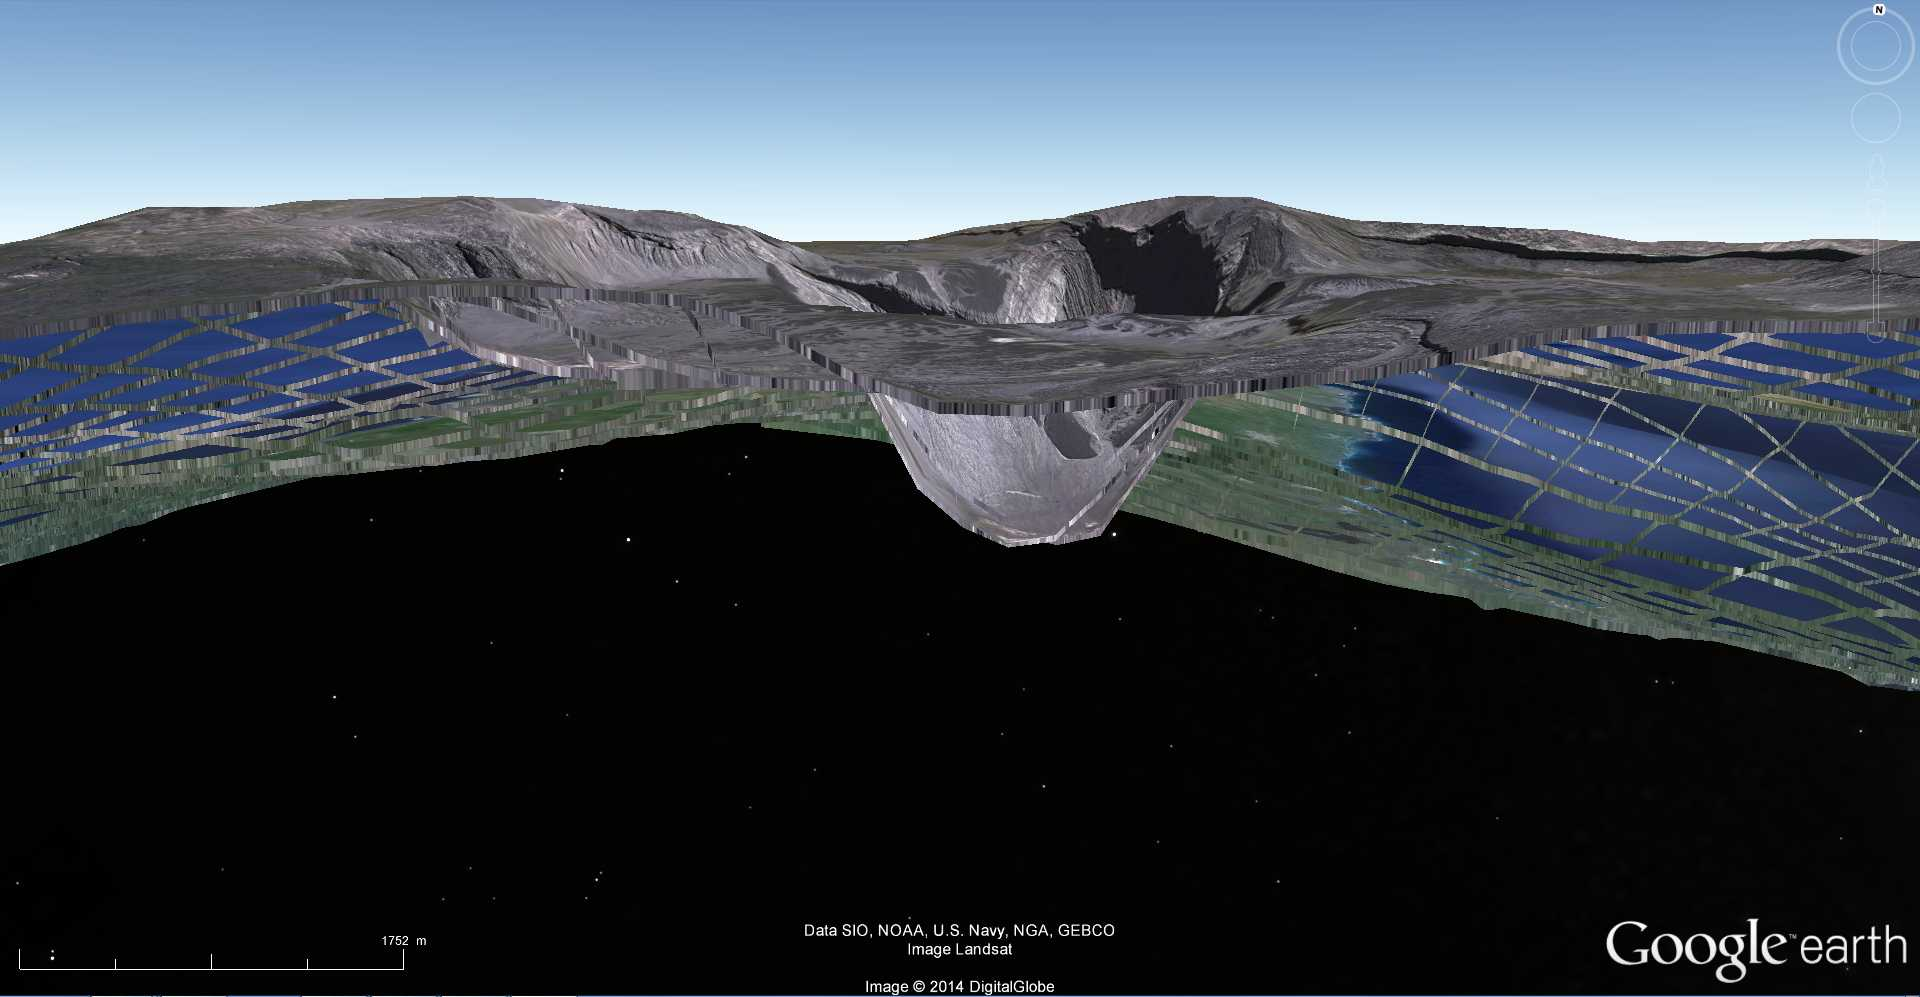 Les dessous de Google Earth avec le volcan Karthala - Comores 2014-101